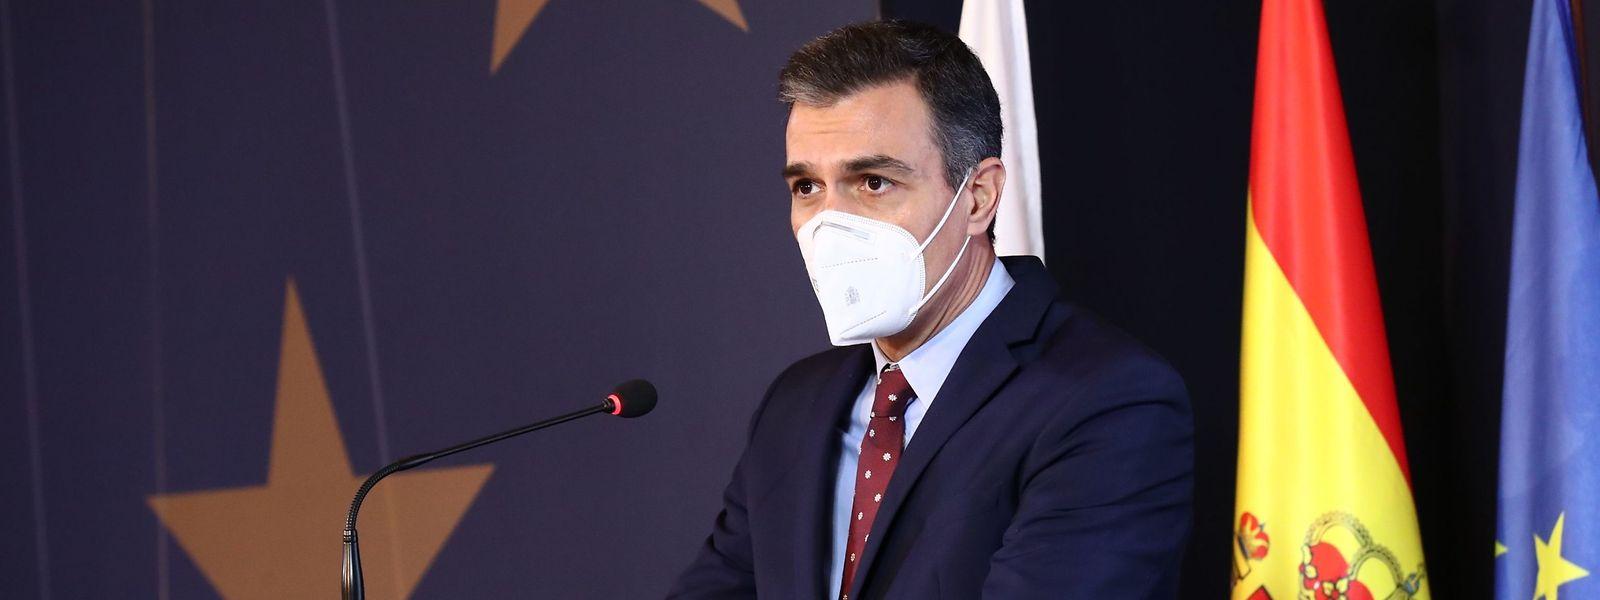 Ministerpräsident Pedro Sánchez bringt den ersten regulären Haushalt seit drei Jahren durchs spanische Parlament.